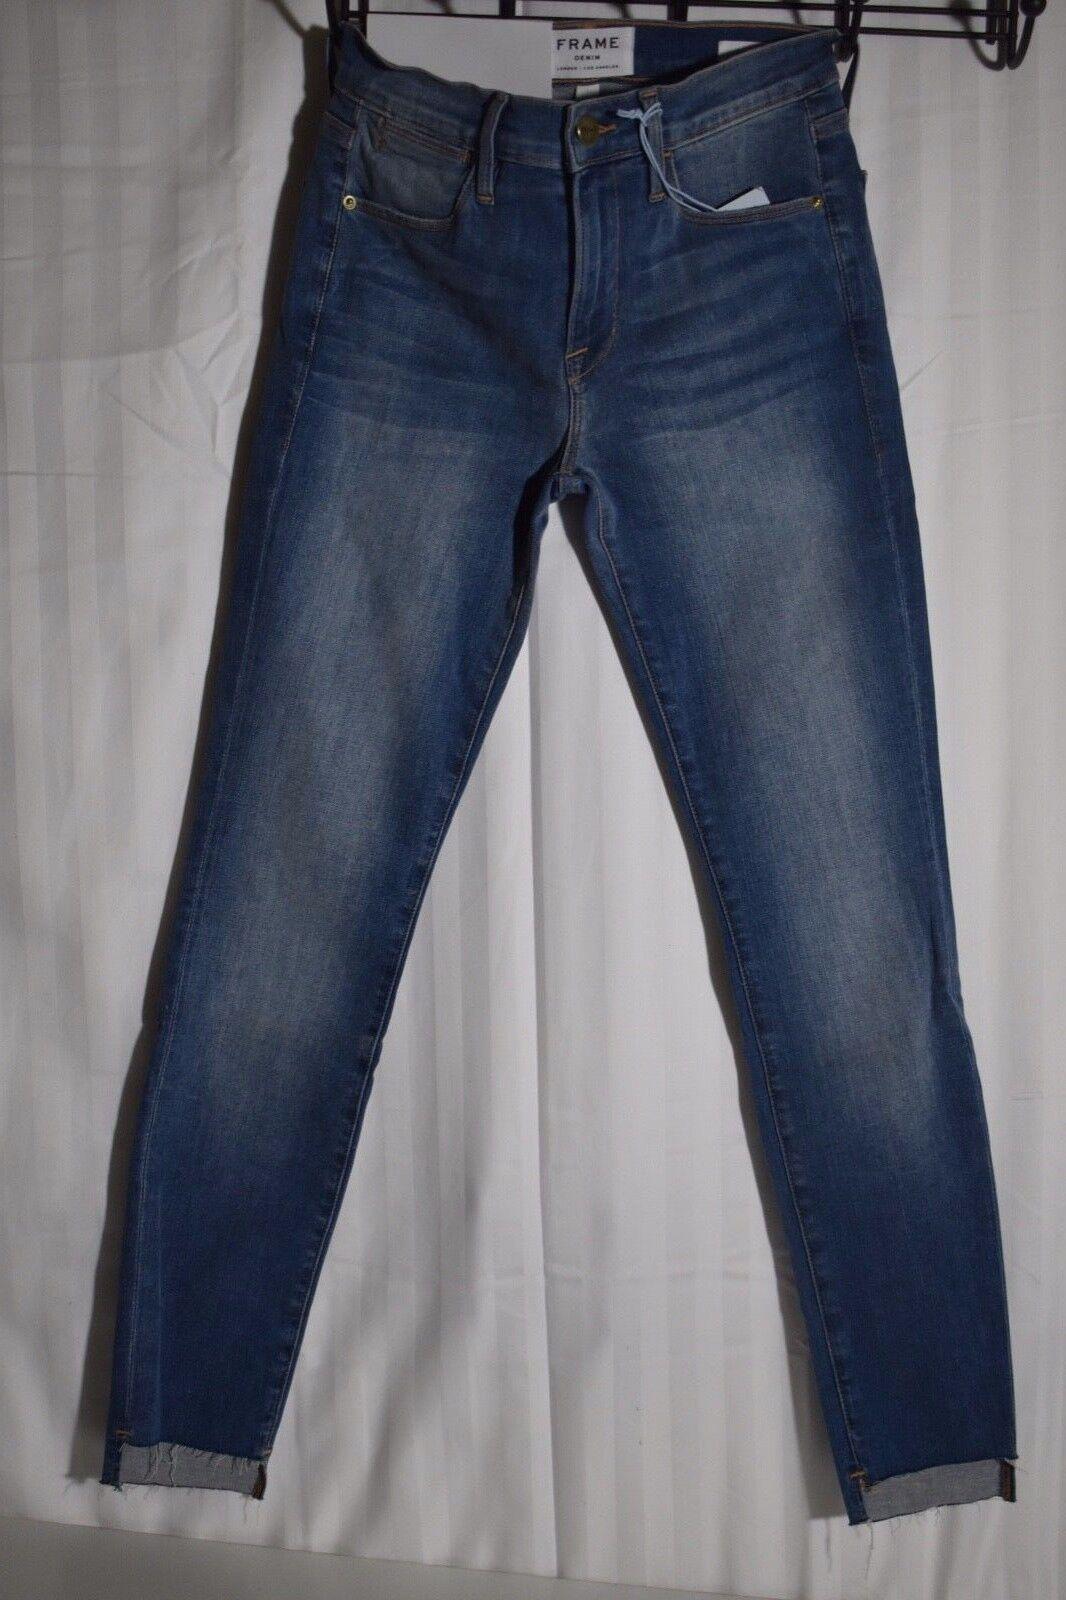 245 Neuf Avec Étiquettes re Filiforme Größe Haute Blau Clair Jeans Stretch Sea Cliff Raw Hem Größe 24